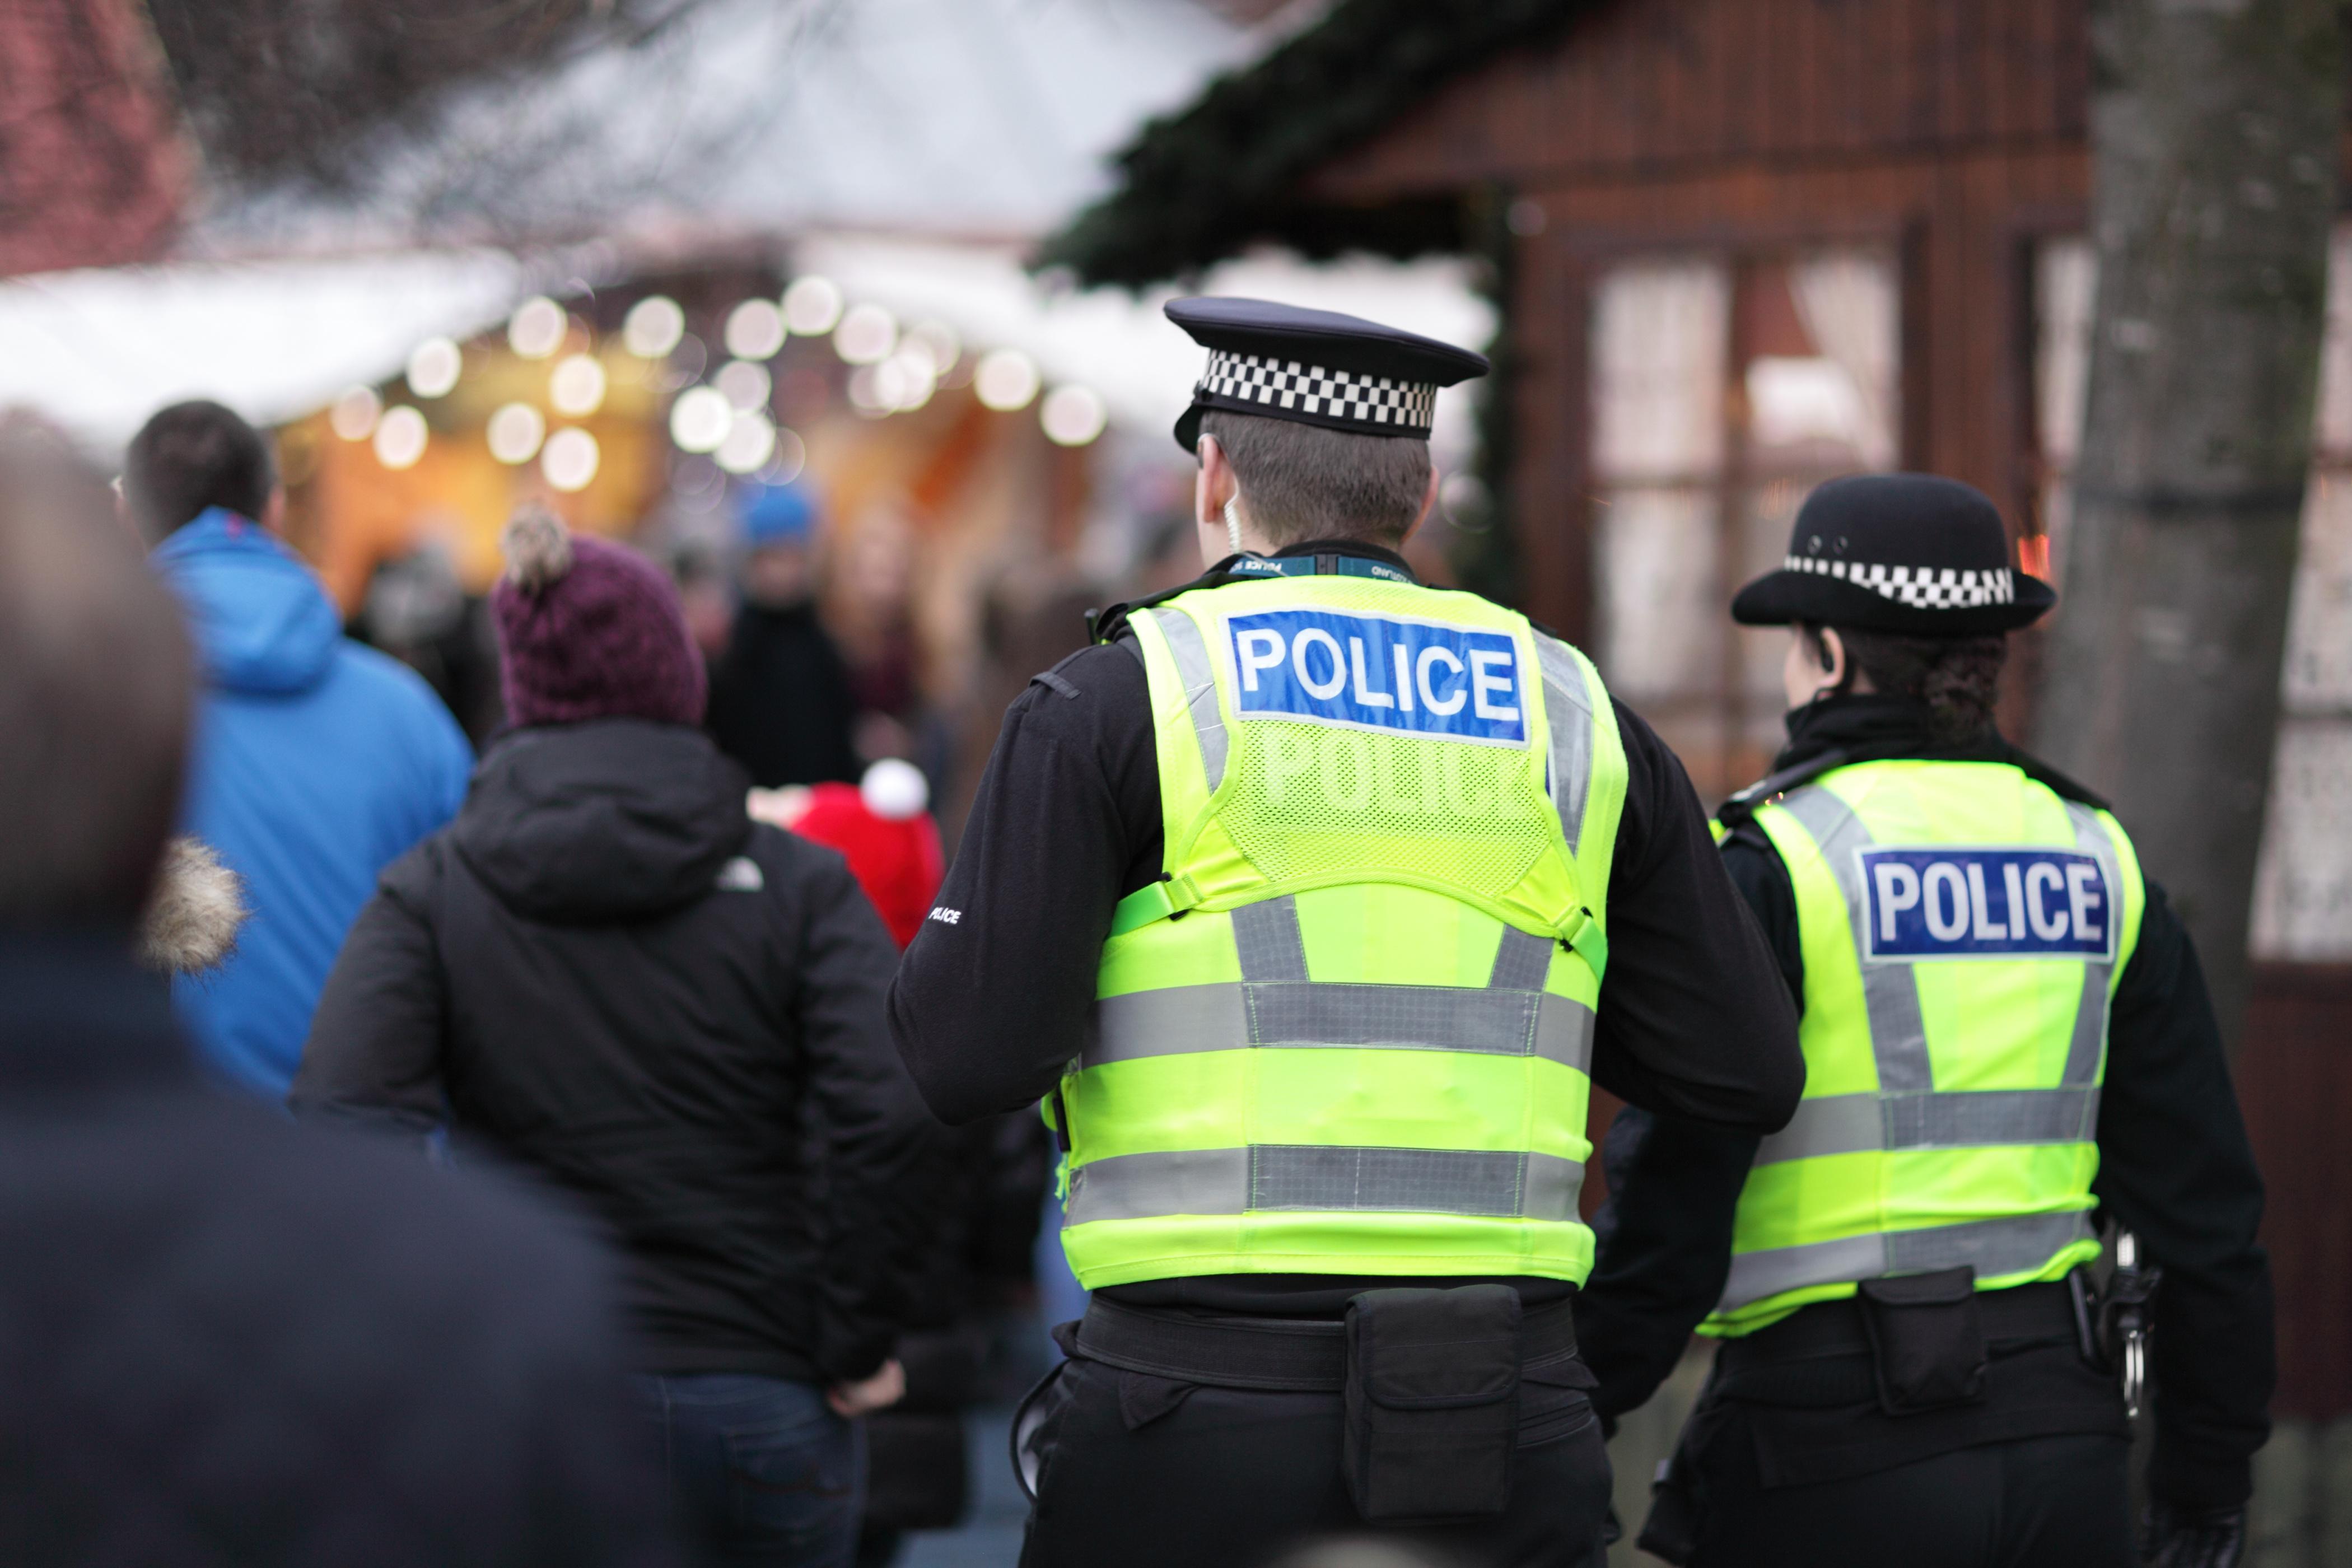 Jaké vybavení u sebe nosí městská policie